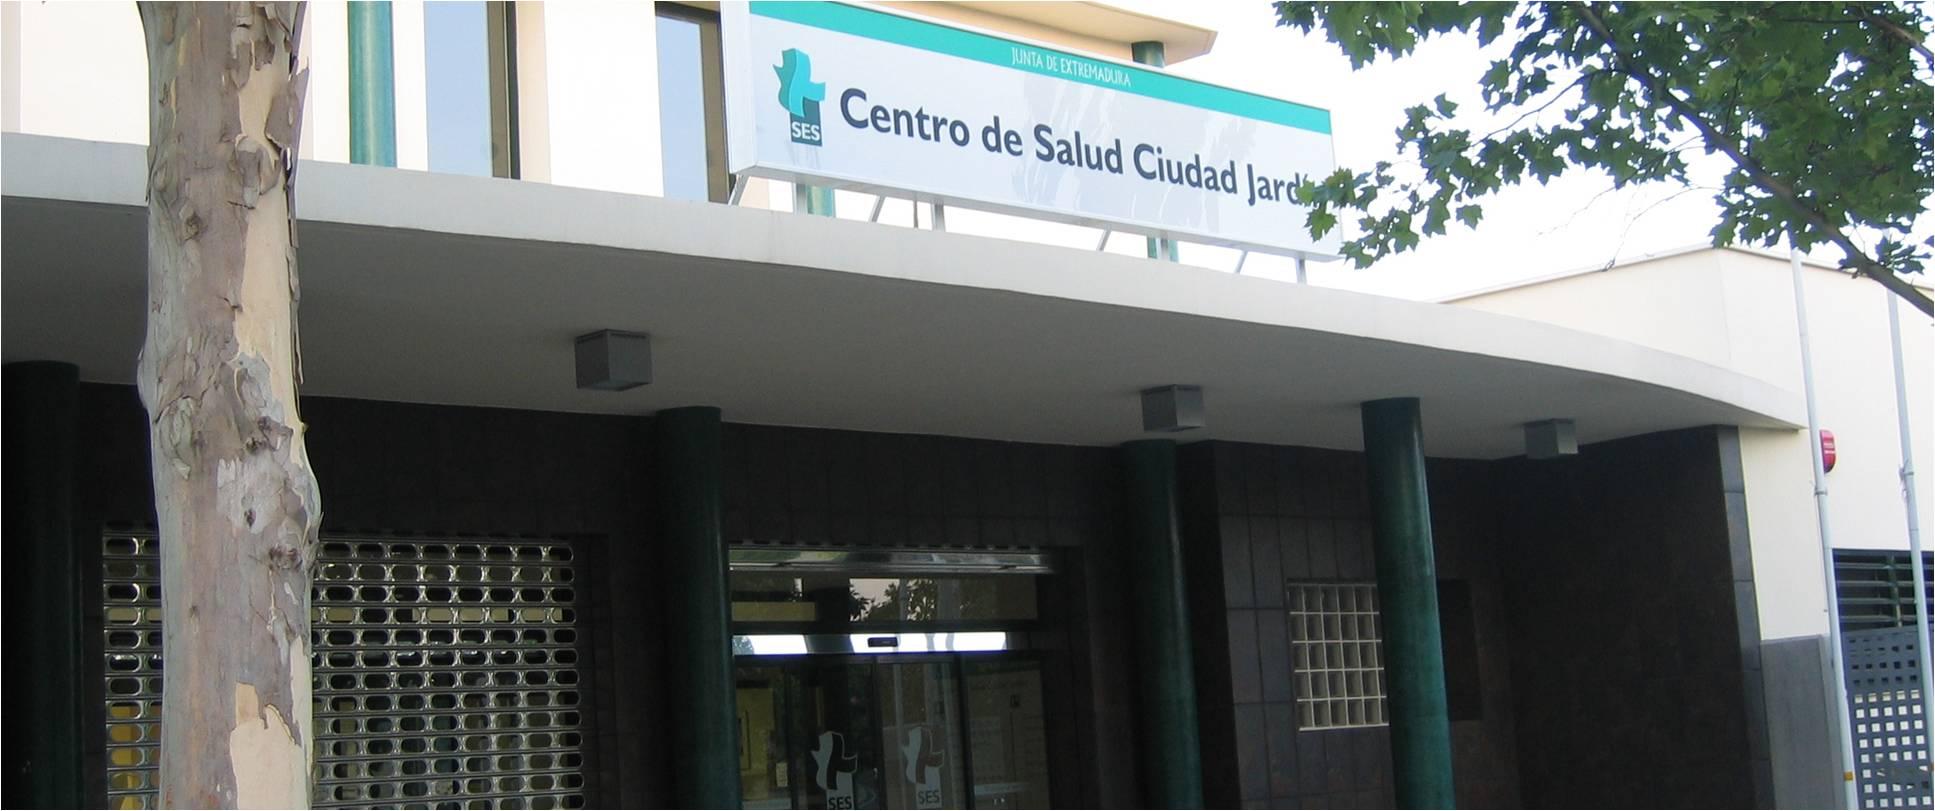 Mapa sanitario atenci n primaria rea de salud de badajoz for Instituto ciudad jardin